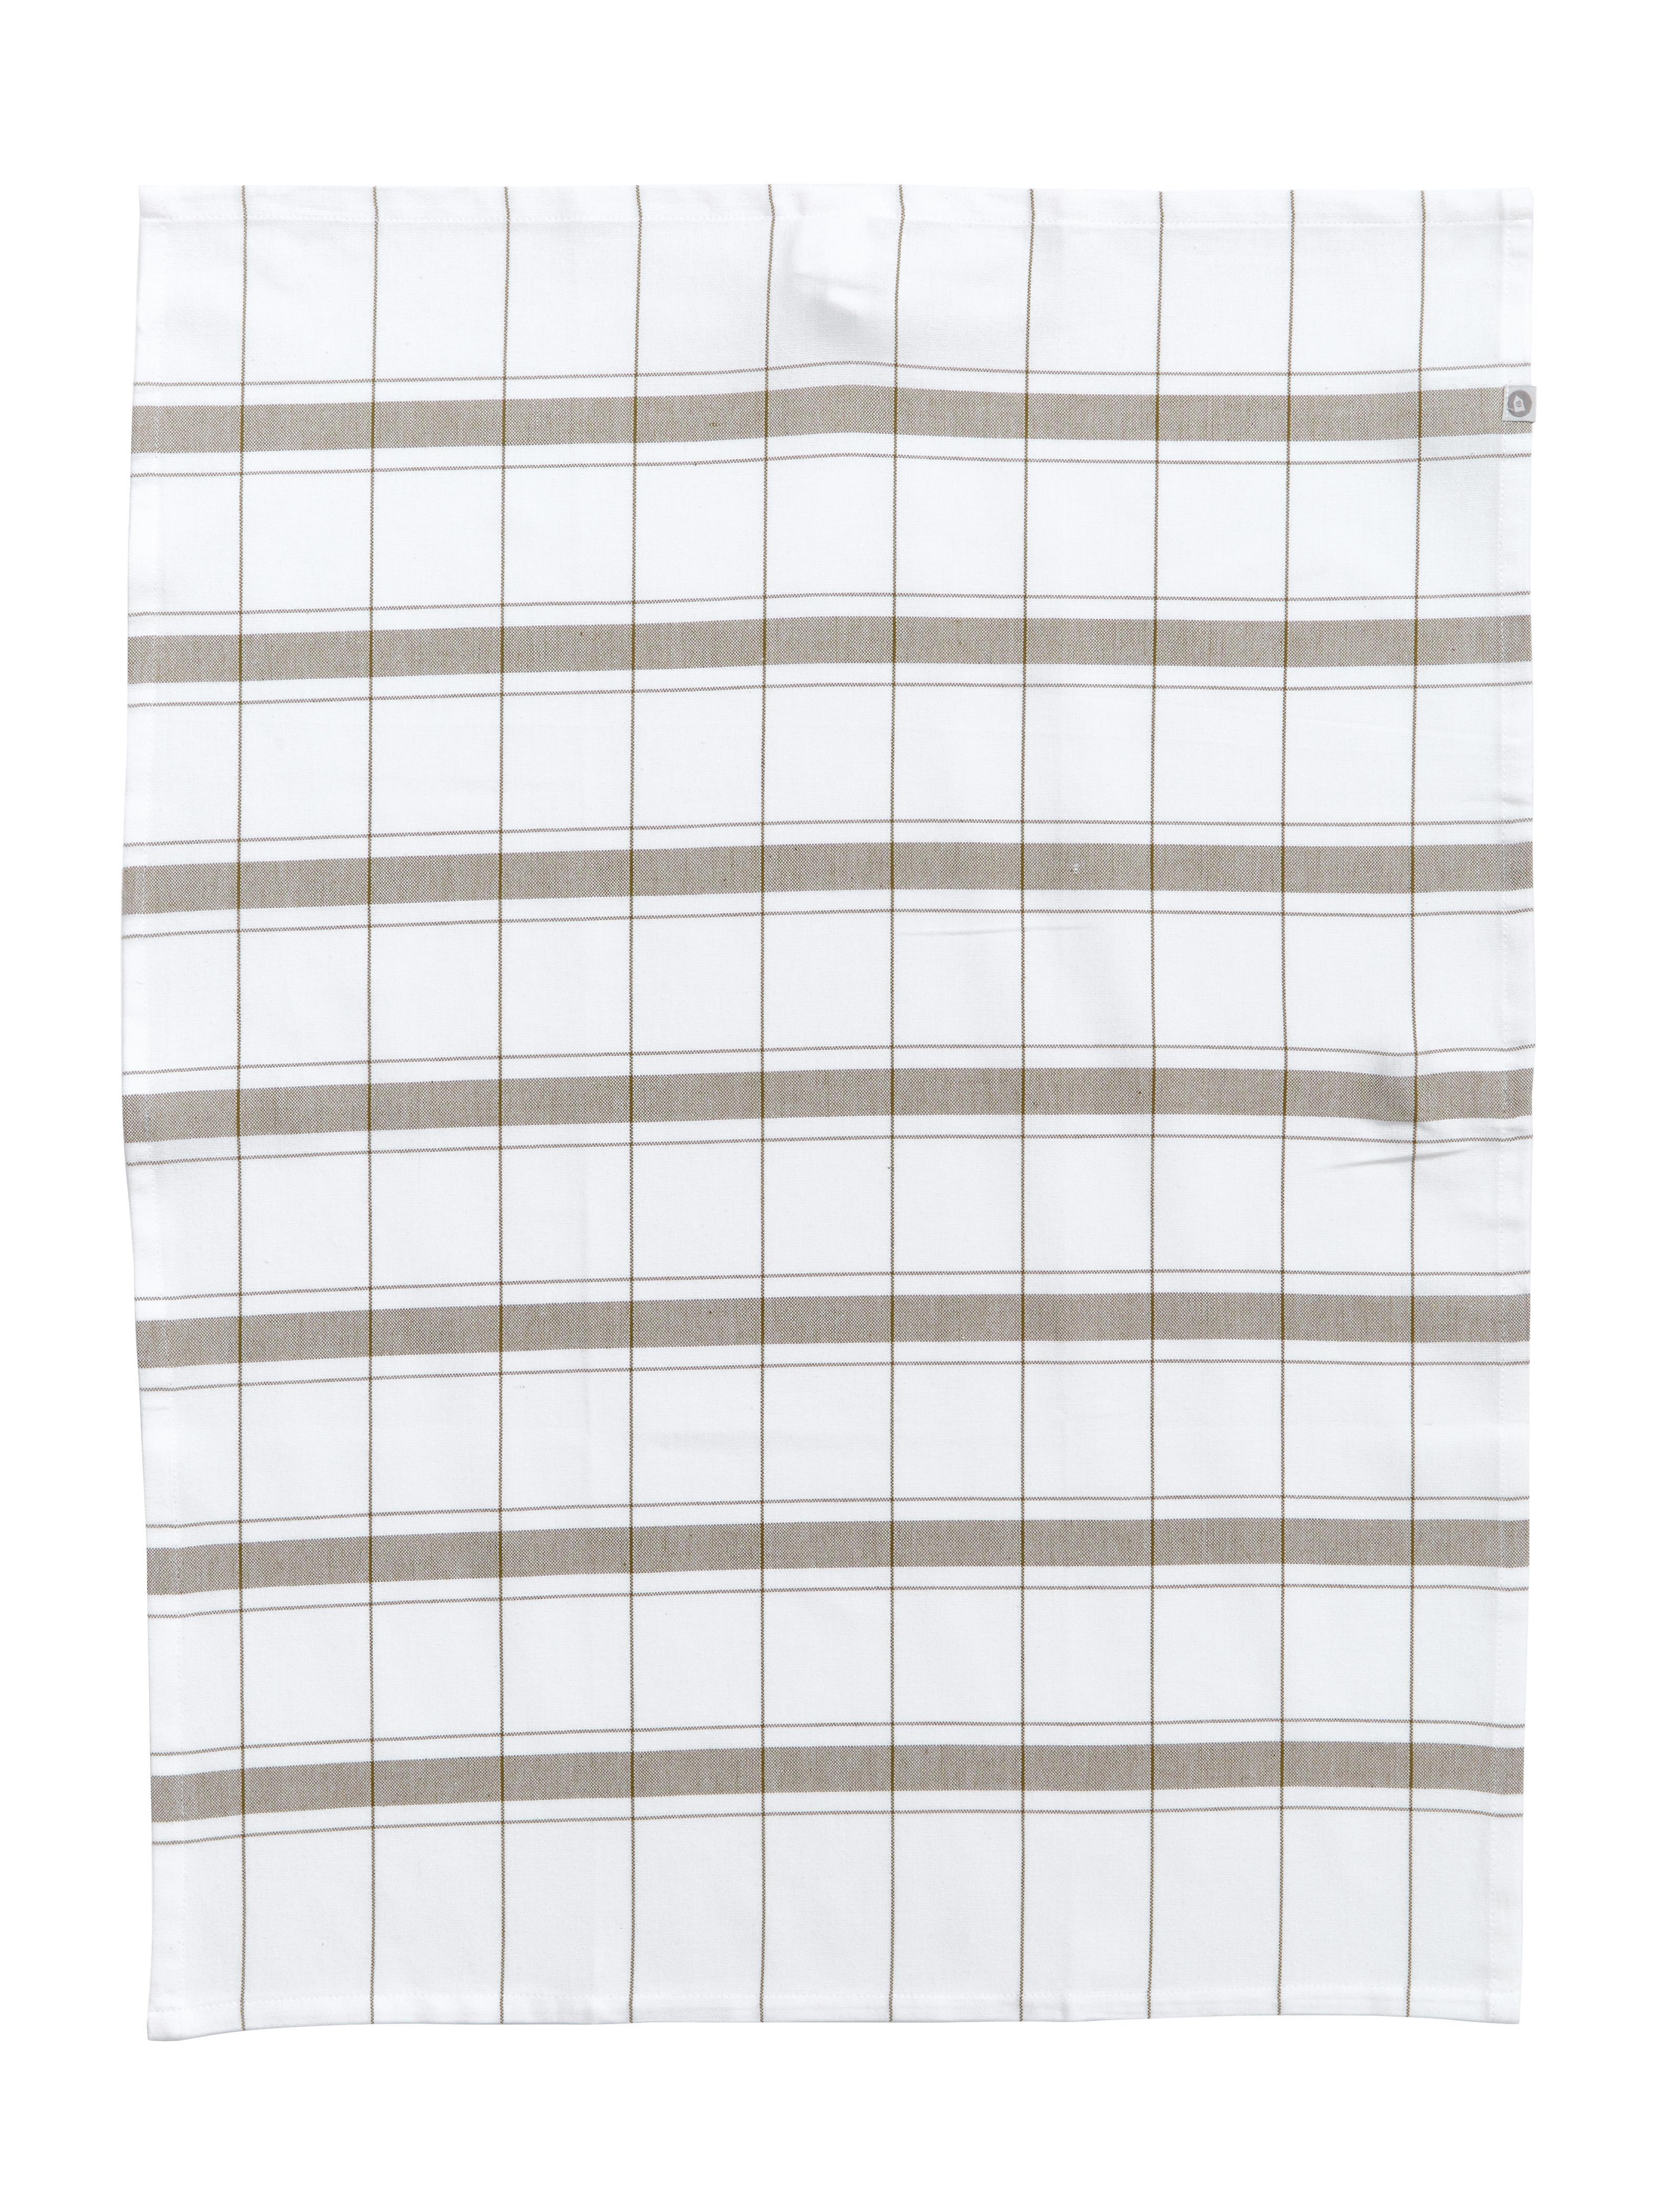 Theedoeken Halida met strepen en ruitpatroon, 2 stuks, Katoen, Wit, olijfgroen, 55 x 75 cm